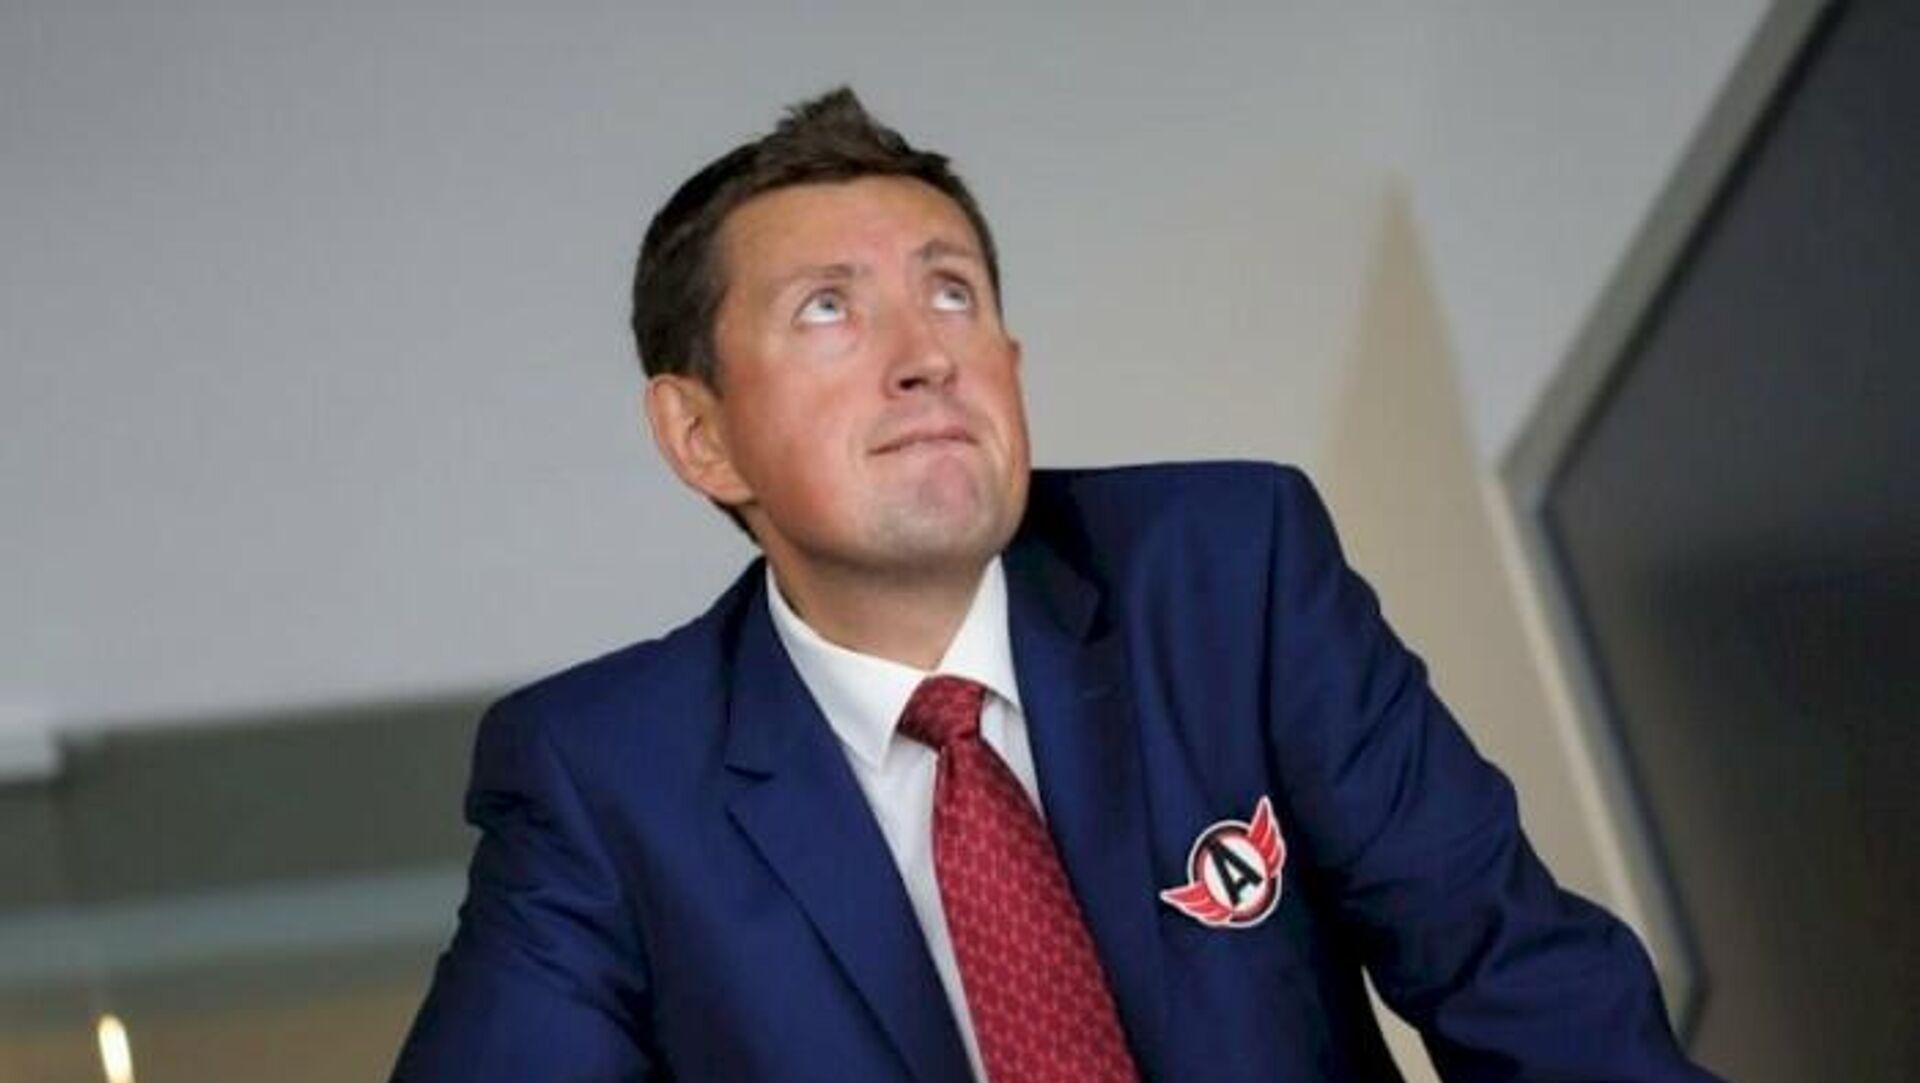 Директор хоккейного клуба Автомобилист Максим Рябков - РИА Новости, 1920, 11.03.2021